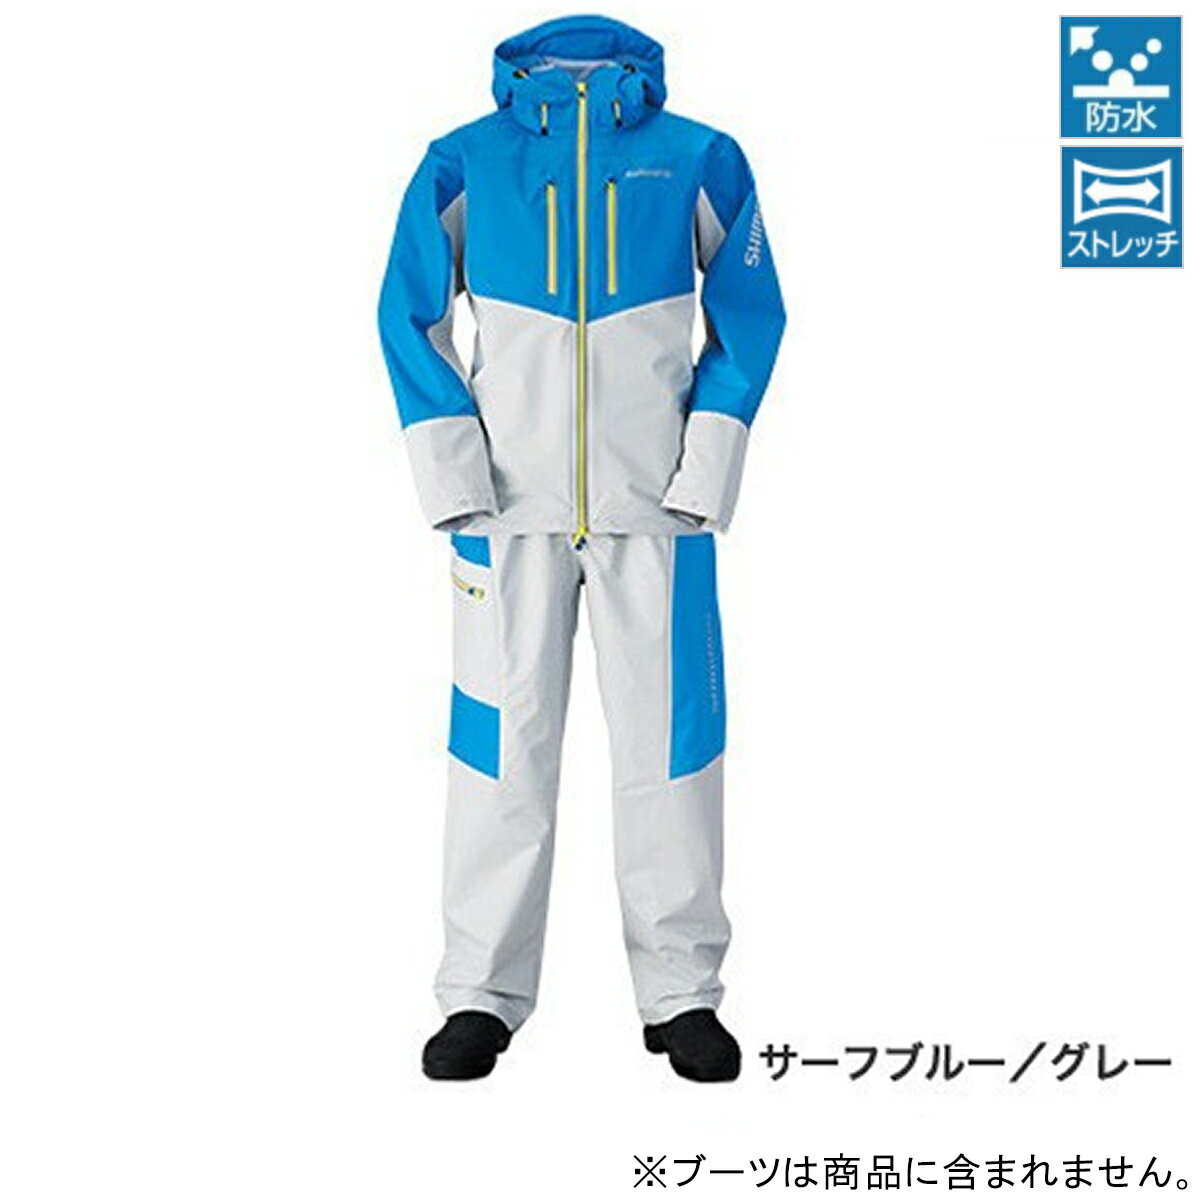 シマノ マリンライトスーツ RA-034N M サーフブルー/グレー